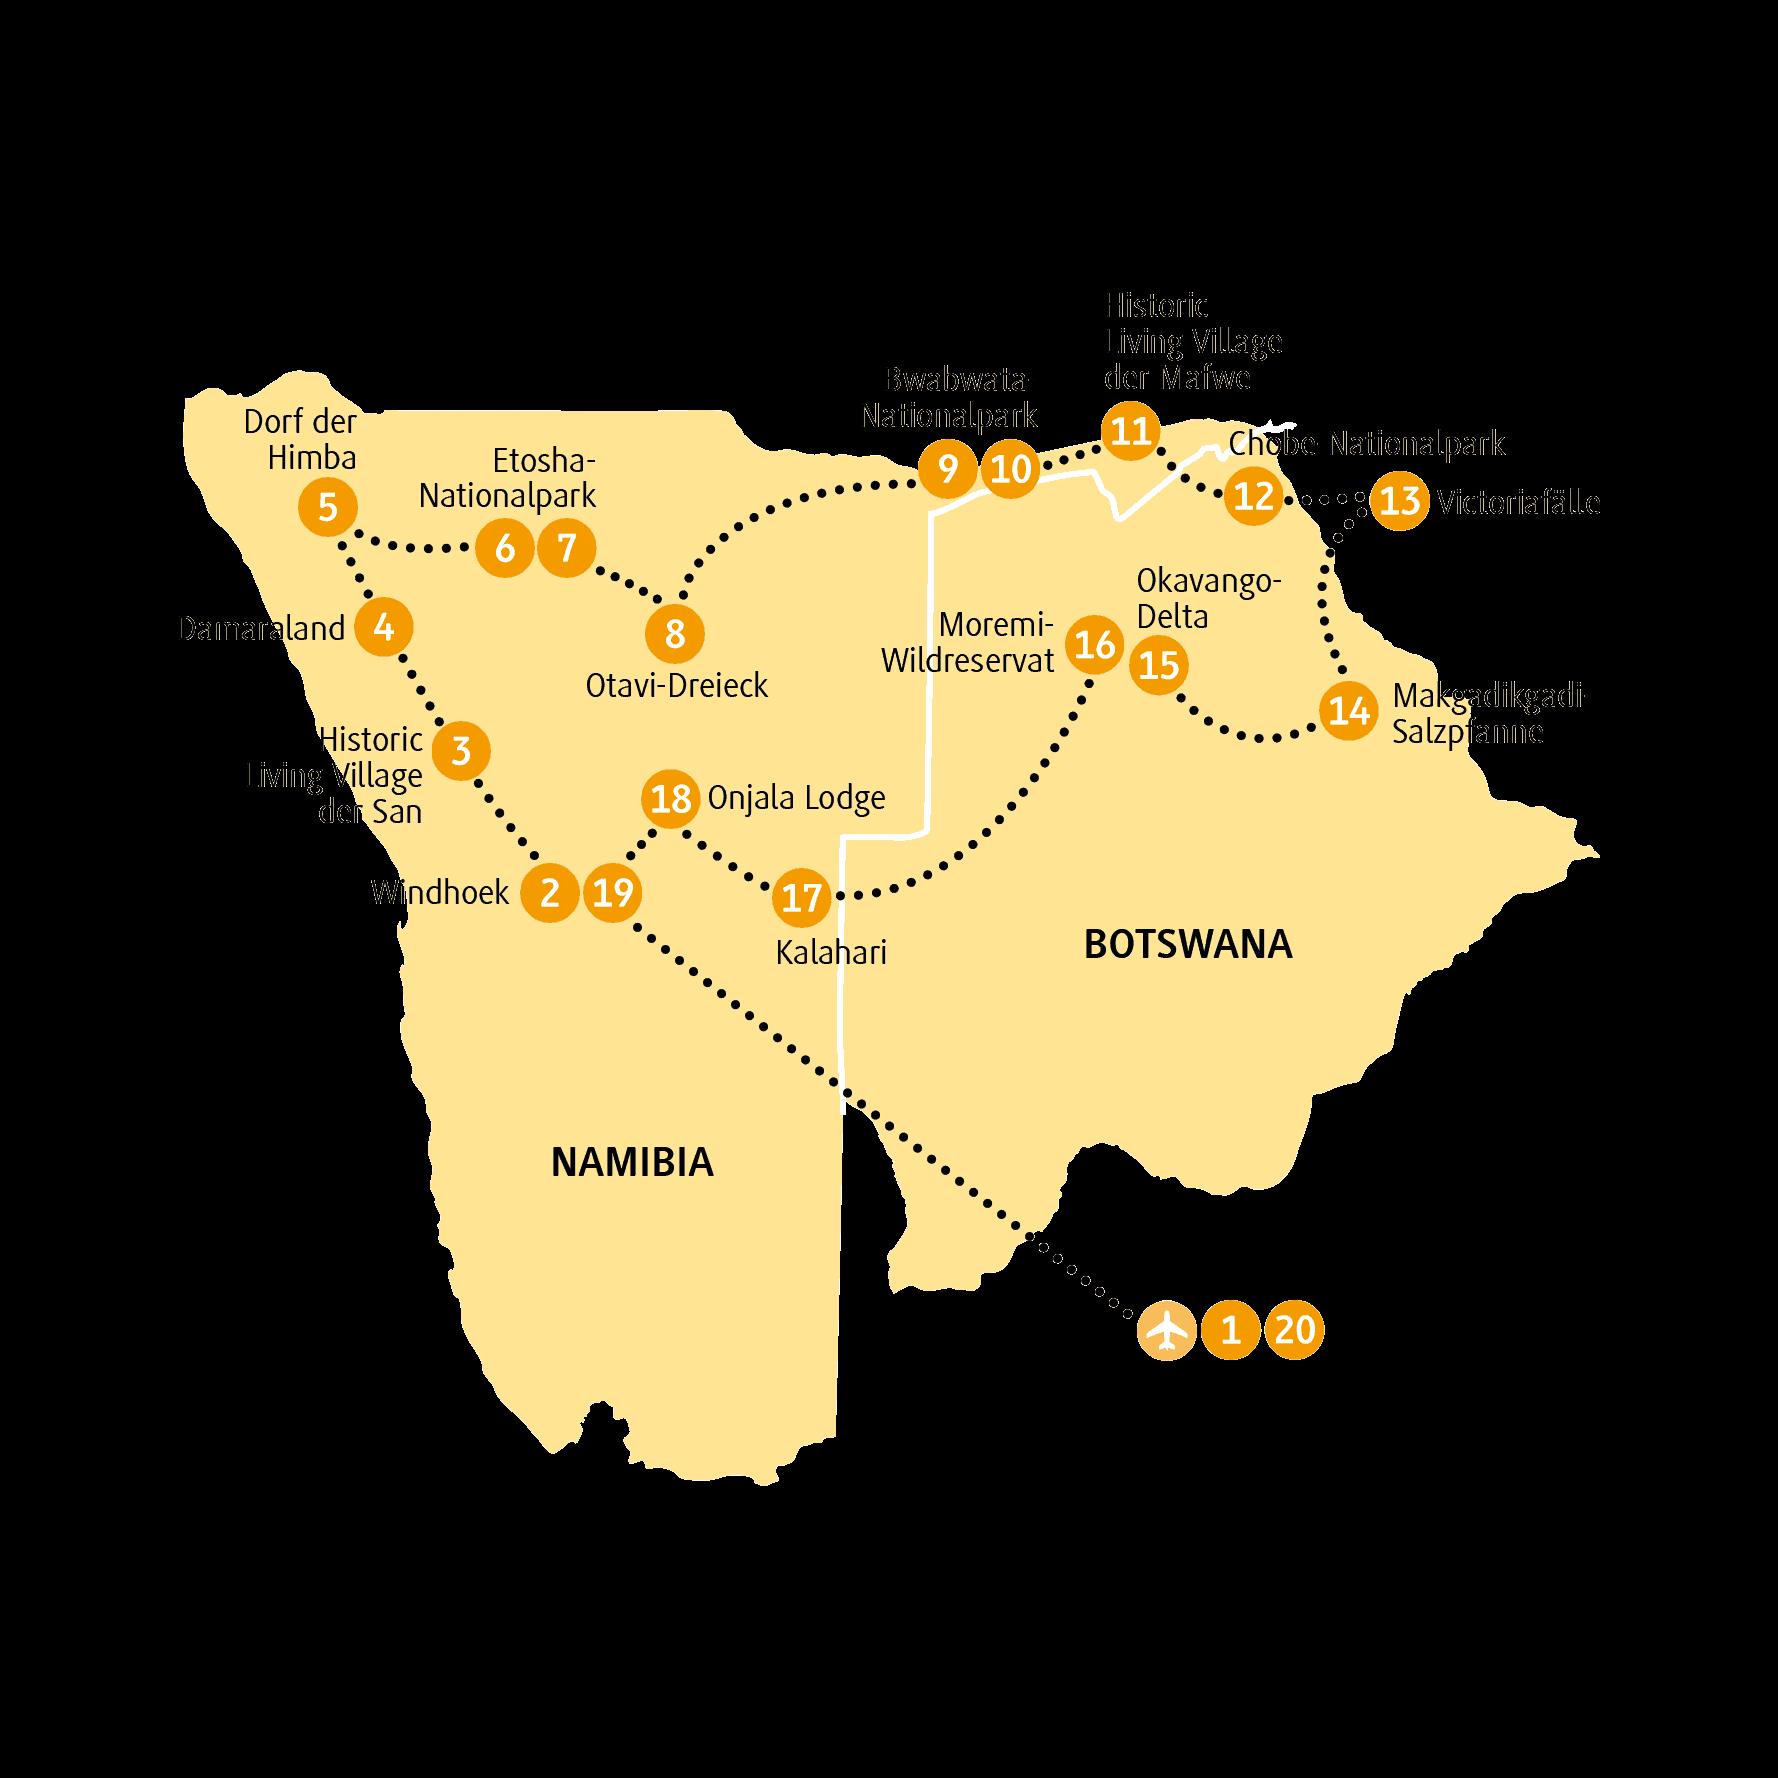 Namibia Und Botwana Auf Einer Unvergesslichen Reise Mit Chamaleon Wunderwelten Reise Sambesi 20 Tage Kleingruppenreise Mit M Botswana Namibia Reisen Namibia